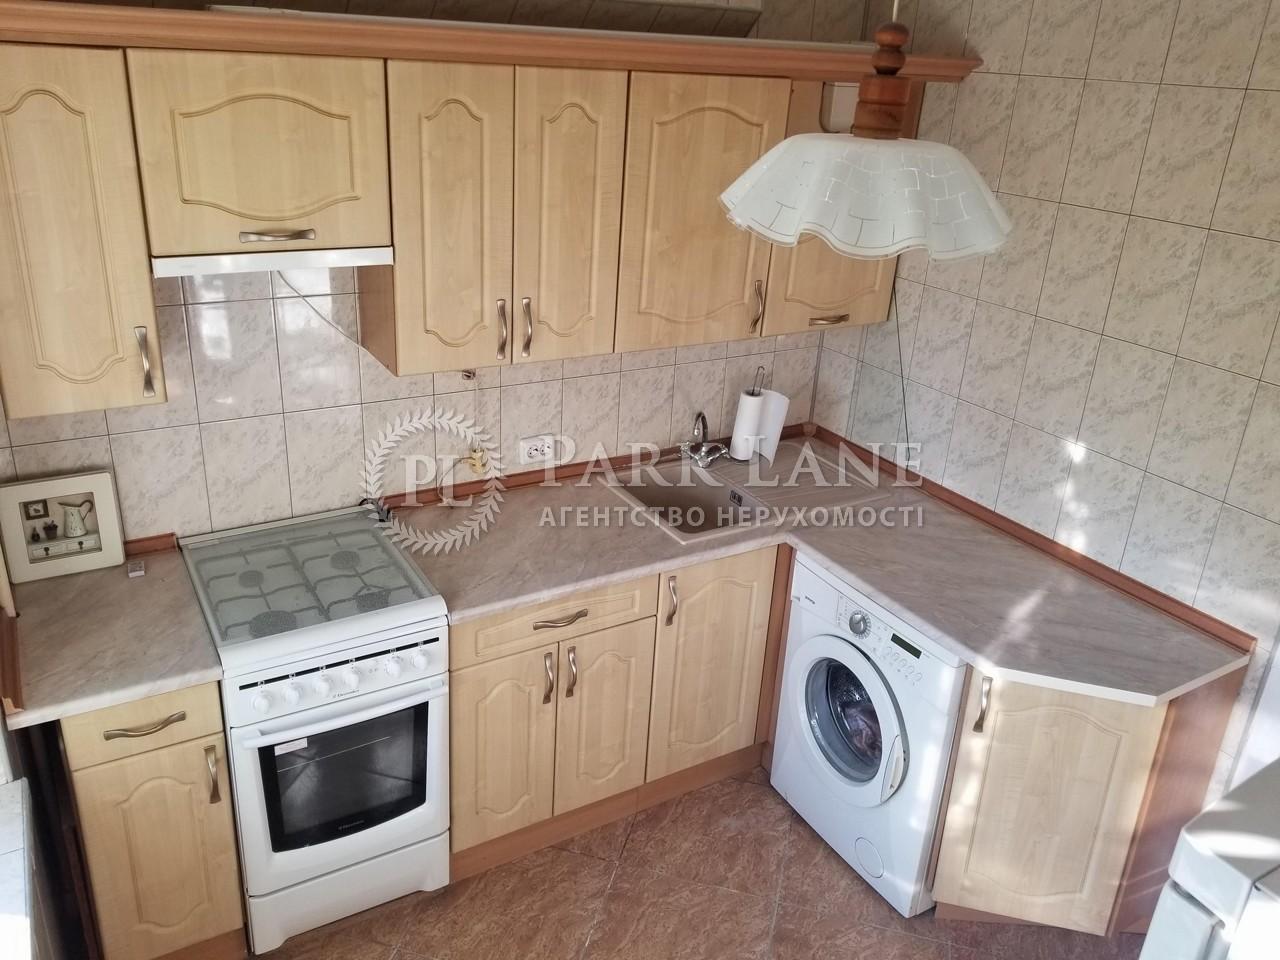 Квартира вул. Братиславська, 40, Київ, Z-528413 - Фото 7